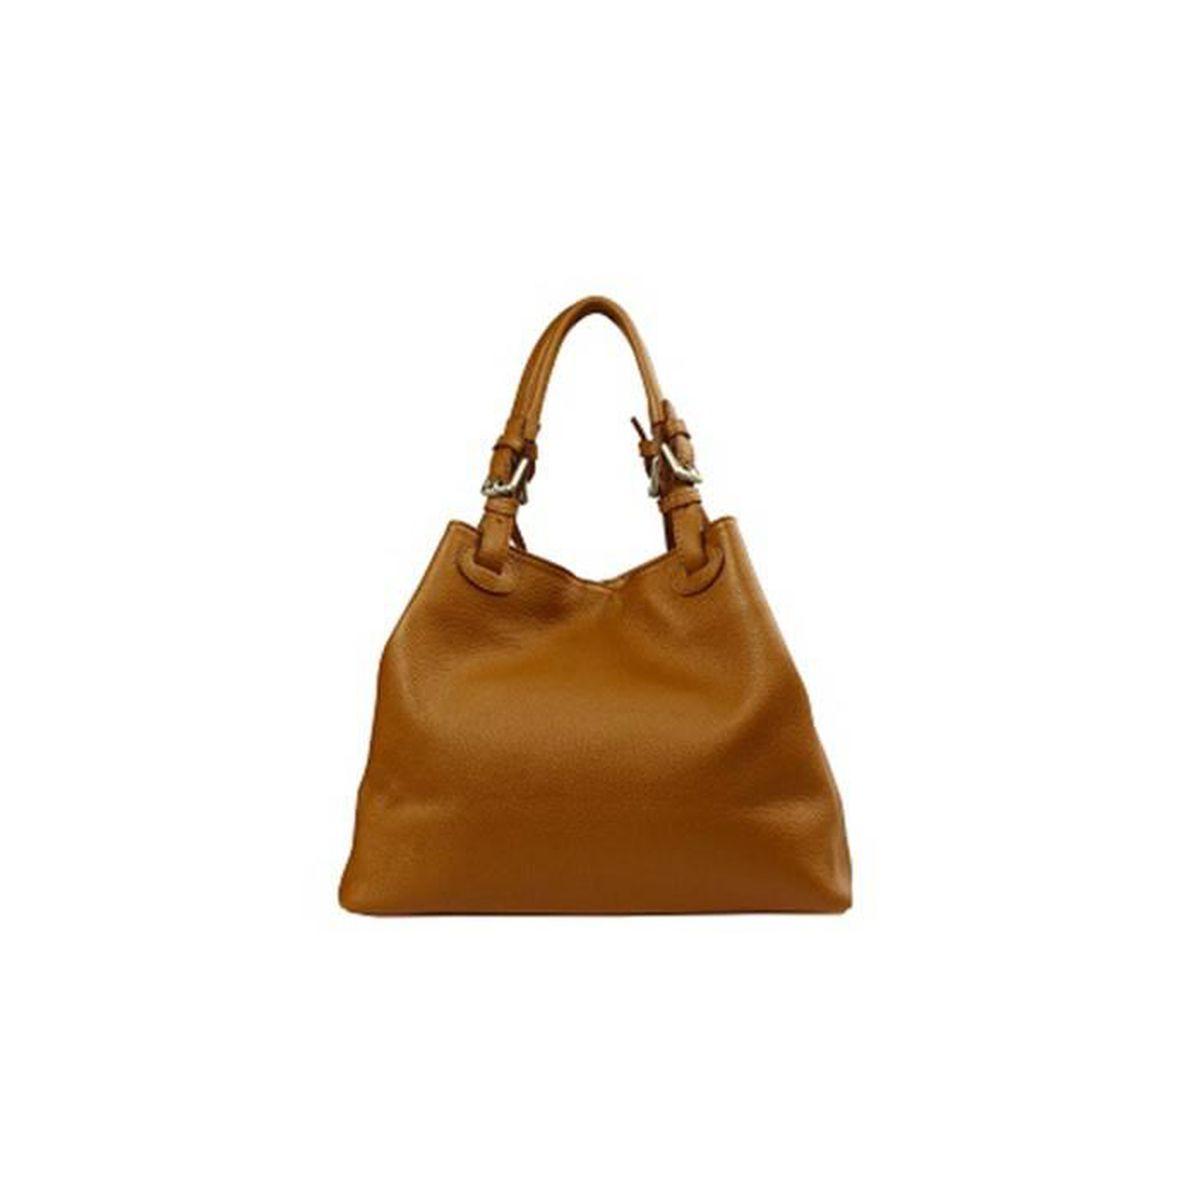 eaba81d77d177 Sac à main en cuir camel fabriqué en Italie - Achat   Vente Sac à ...